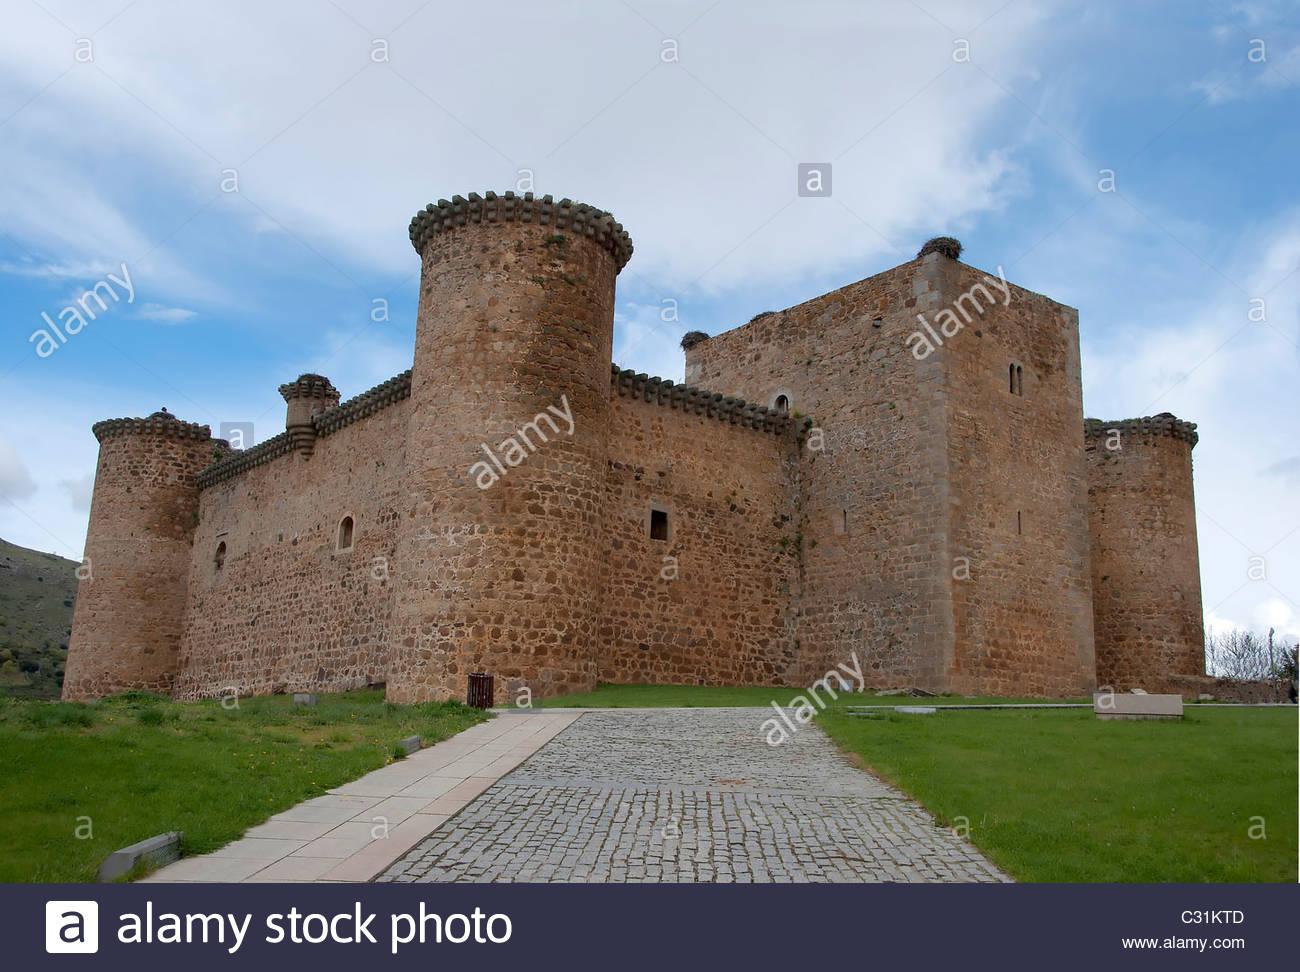 Castle of Valdecorneja. Barco de Avila, Avila. Spain. Stock Photo